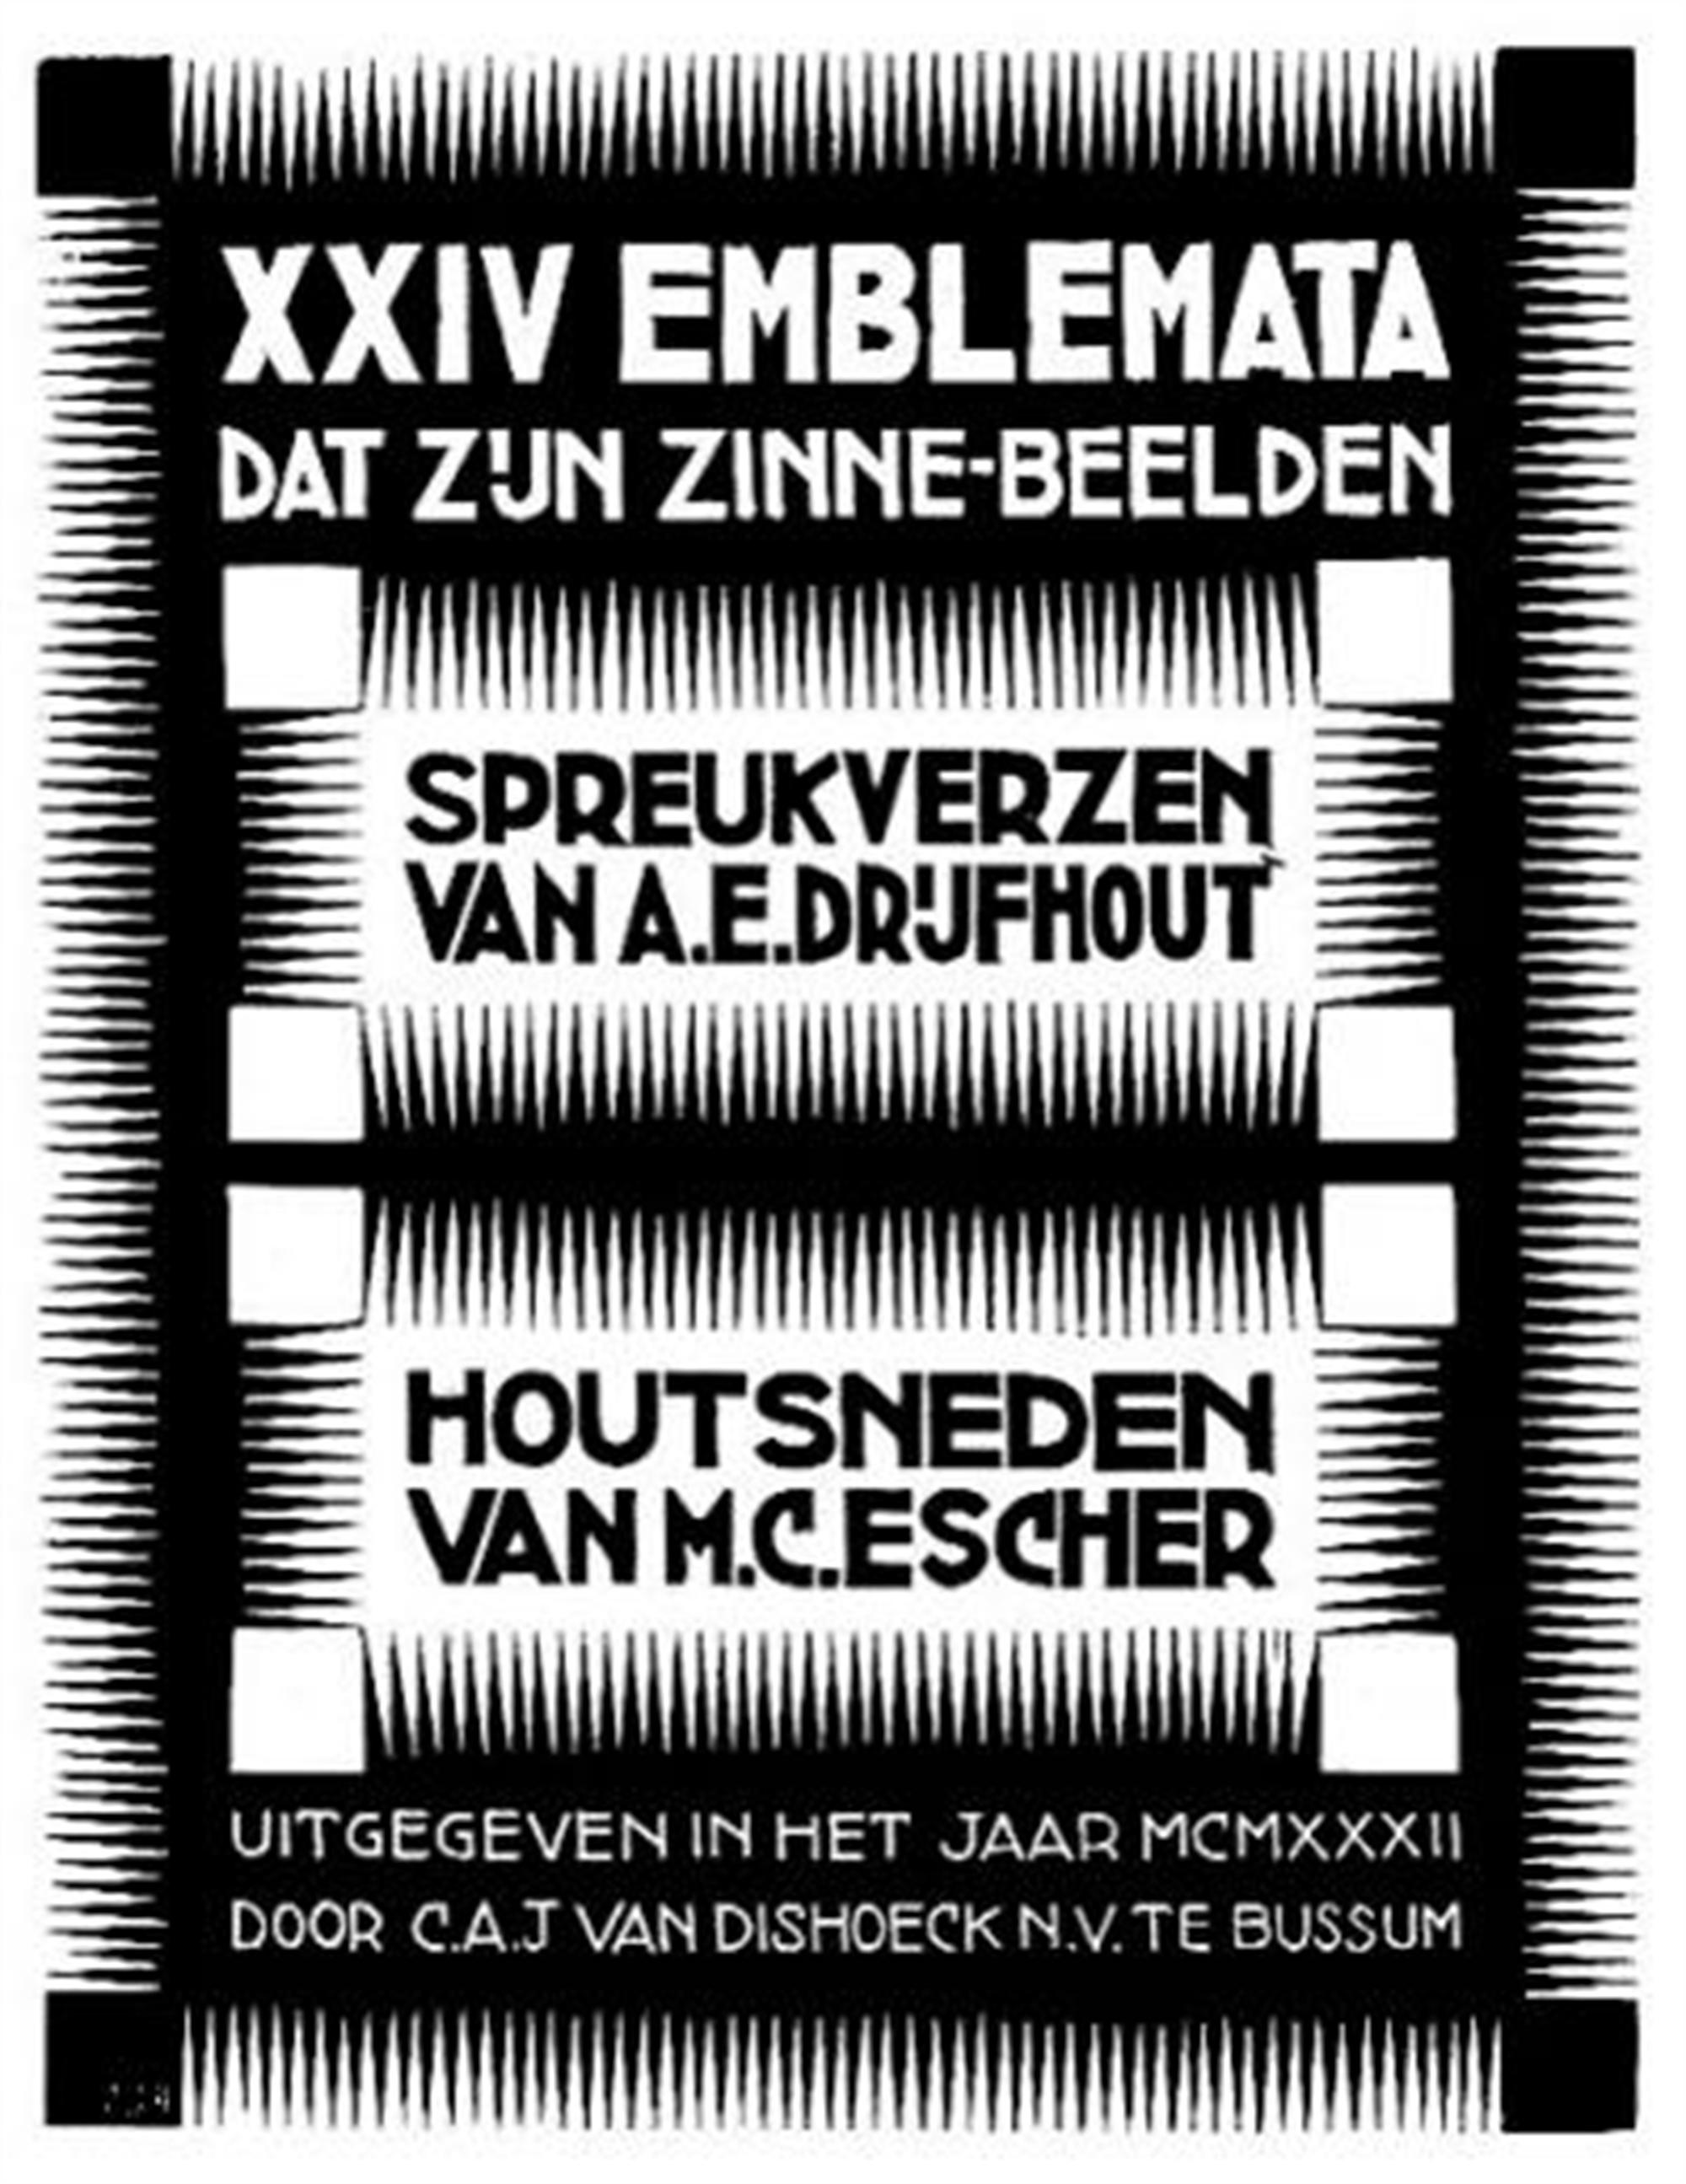 Emblemata (Cover) by M.C. Escher